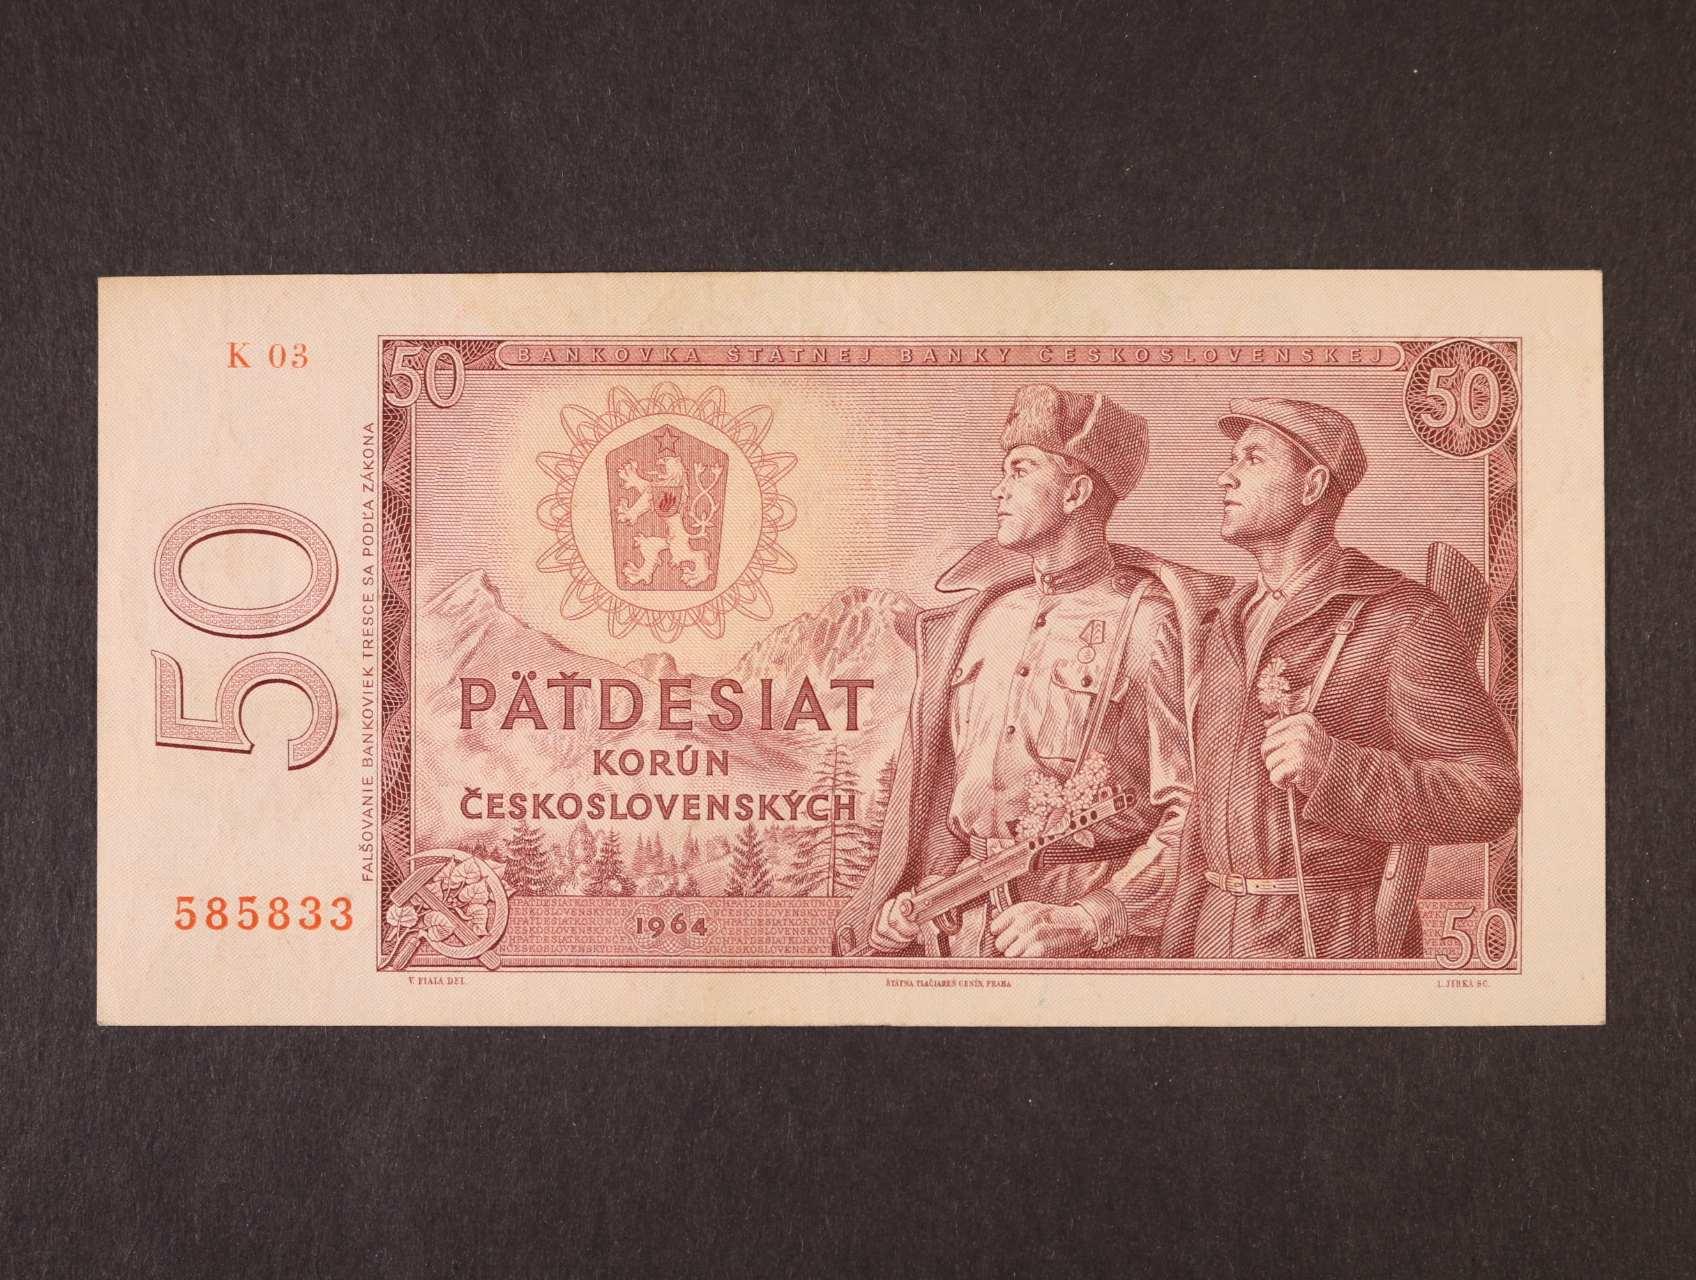 50 Kčs 1964 série K 03, Ba. 99a, Pi. 90a